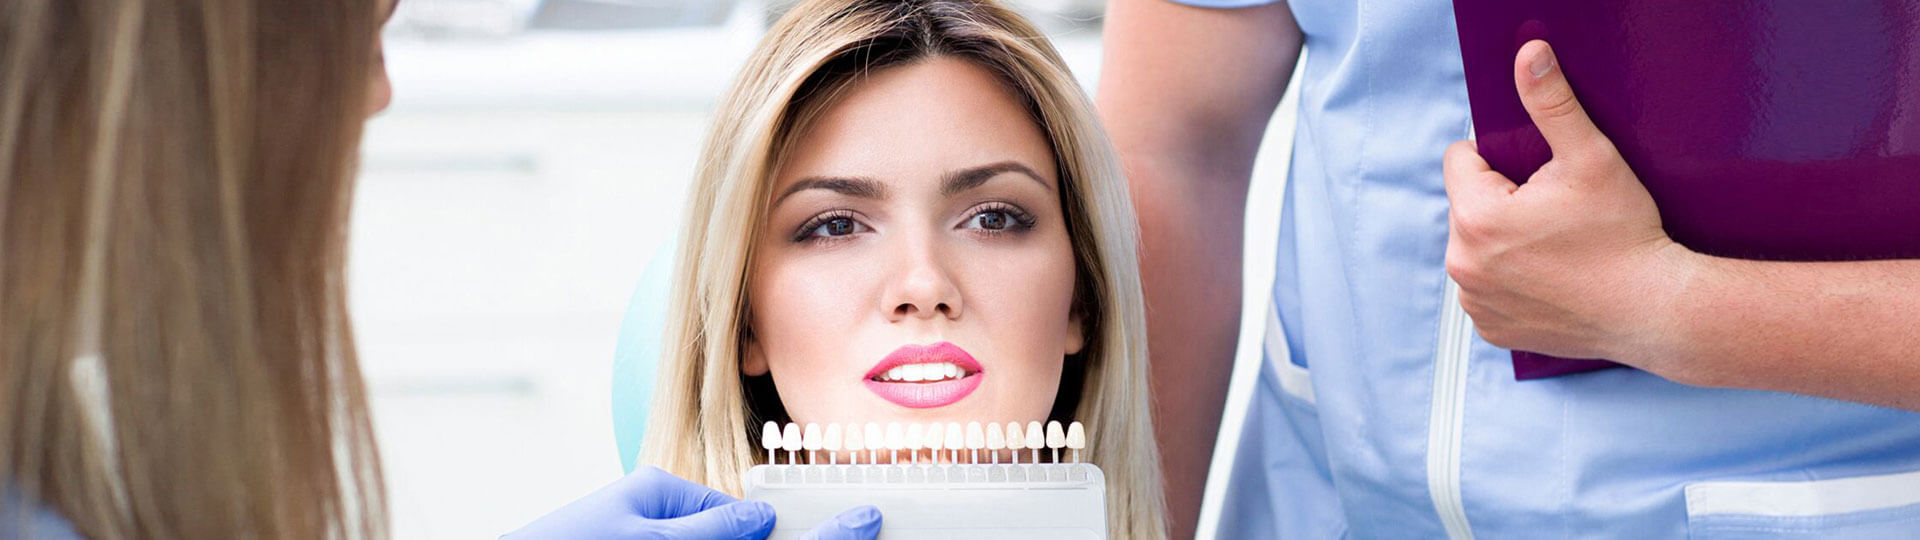 7 Fascinating Myths About Dental Veneers